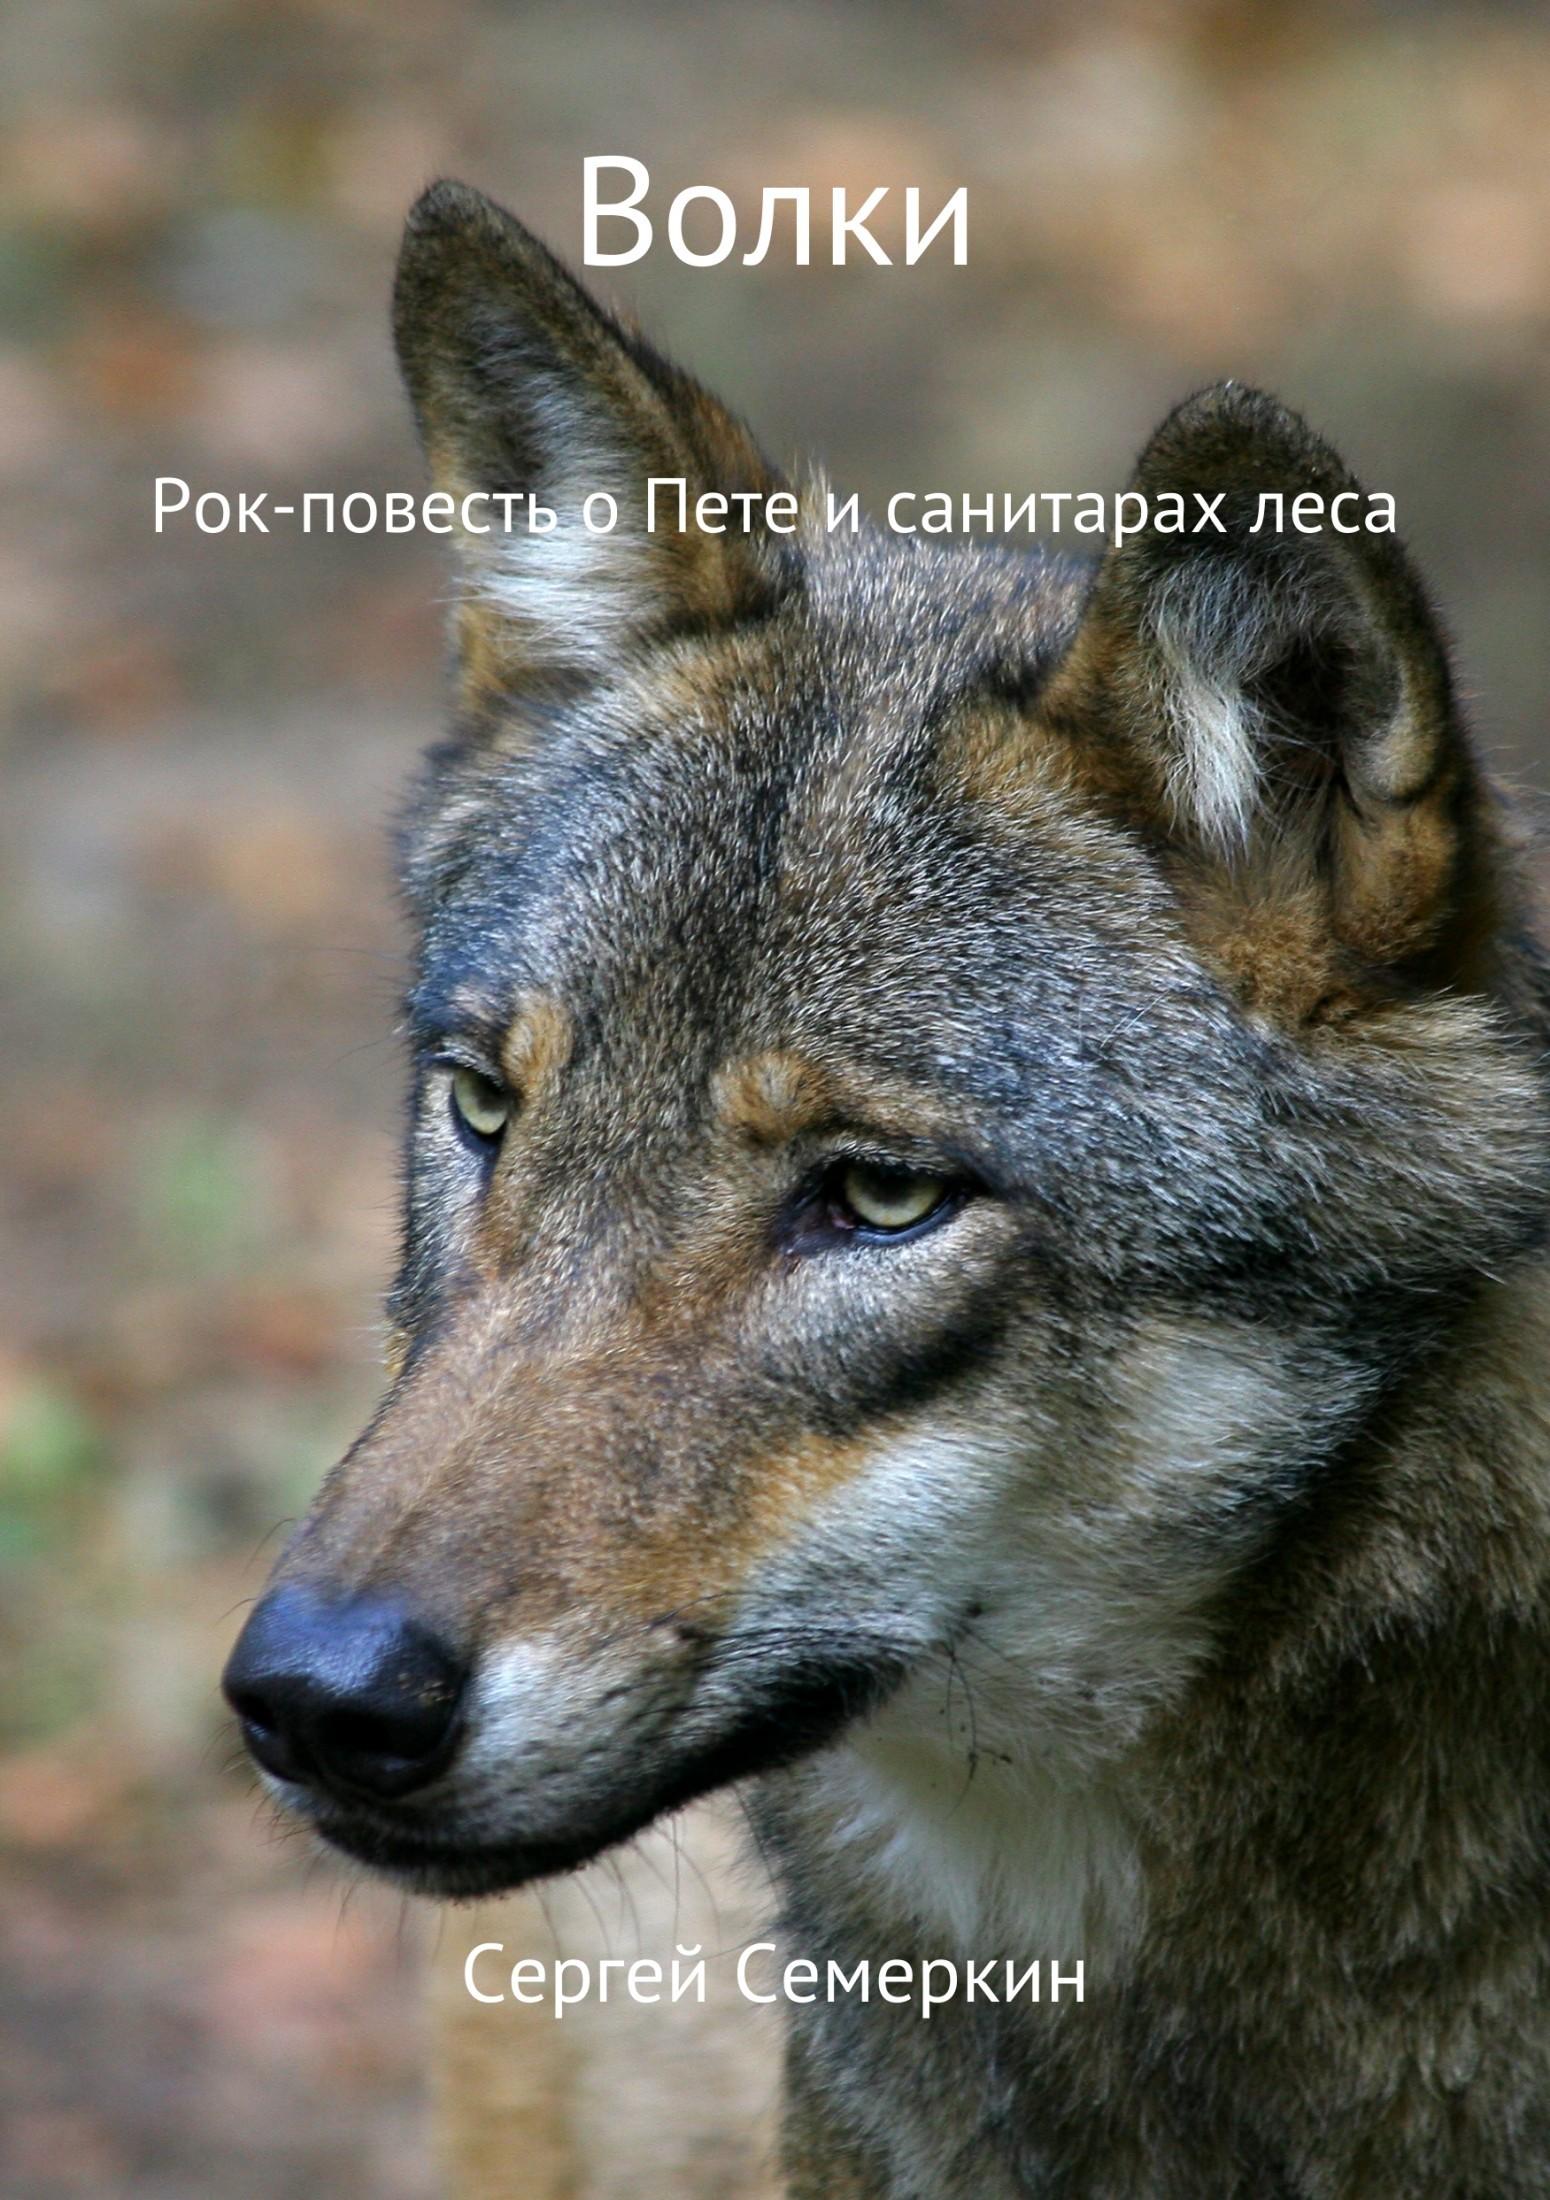 Сергей Владимирович Семеркин. Волки